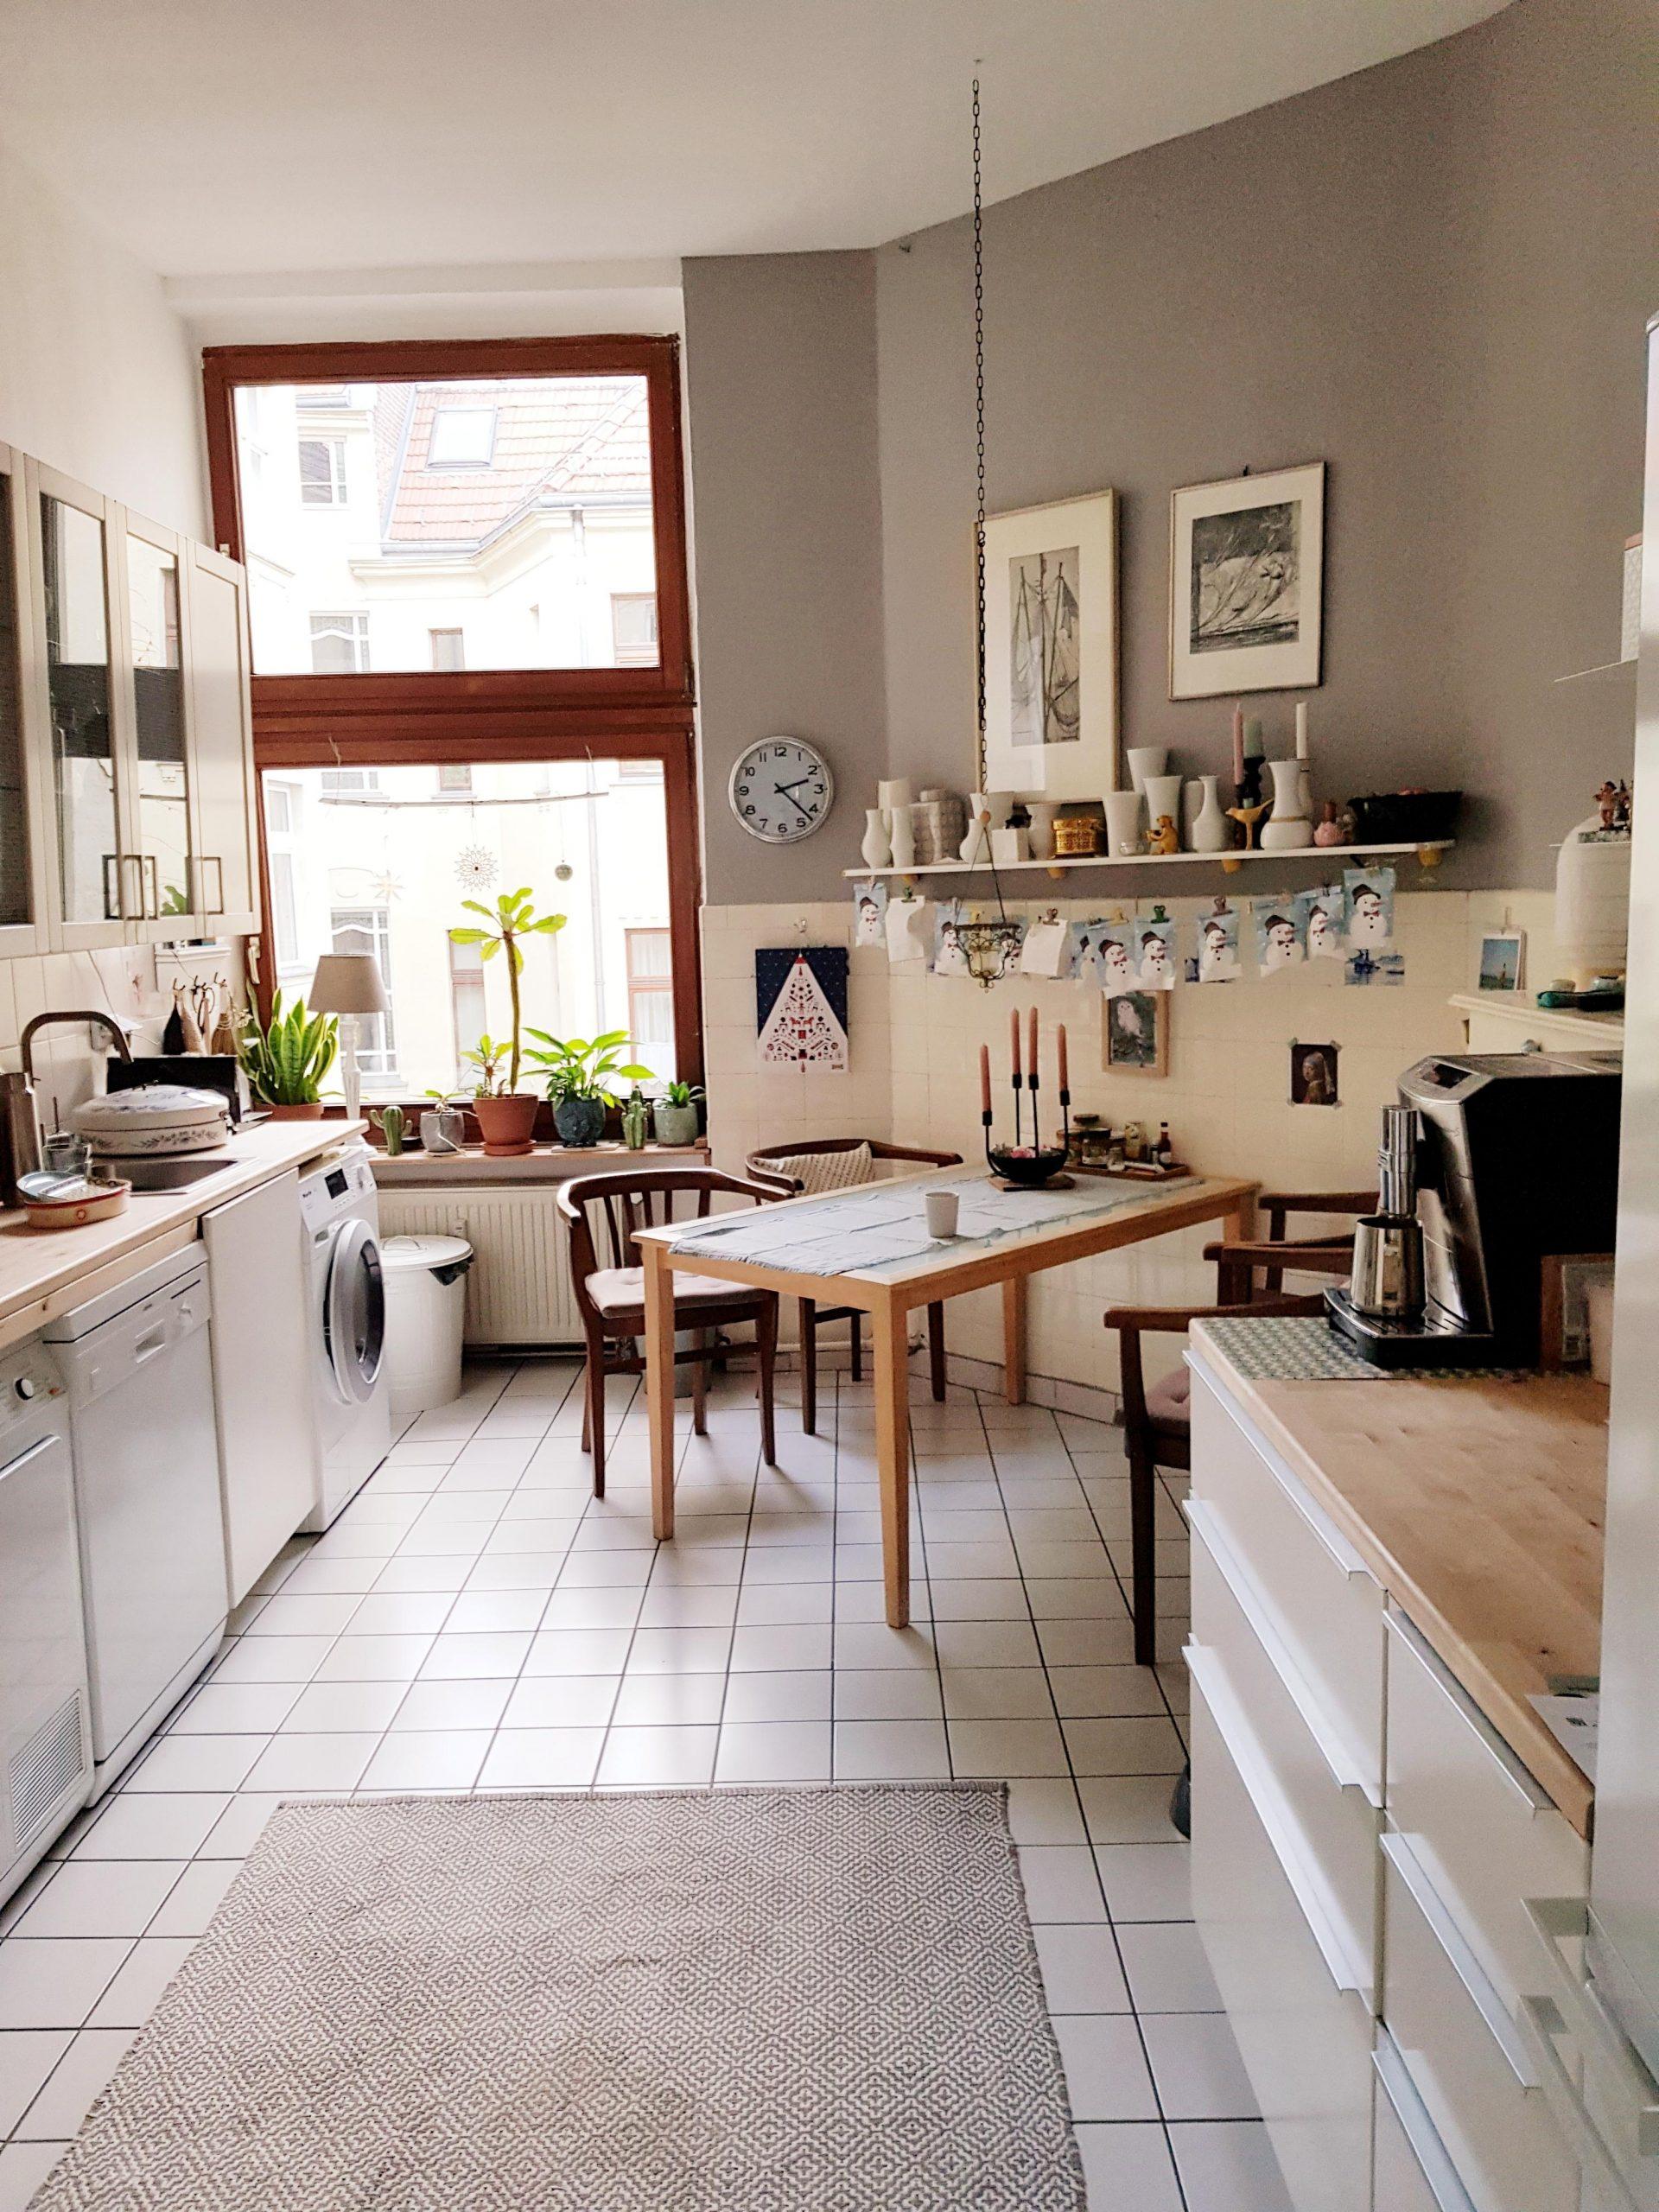 Full Size of Küche Einrichten Ideen Altbau Küche Einrichten Küche Einrichten Checkliste Schöner Wohnen Küche Einrichten Küche Küche Einrichten